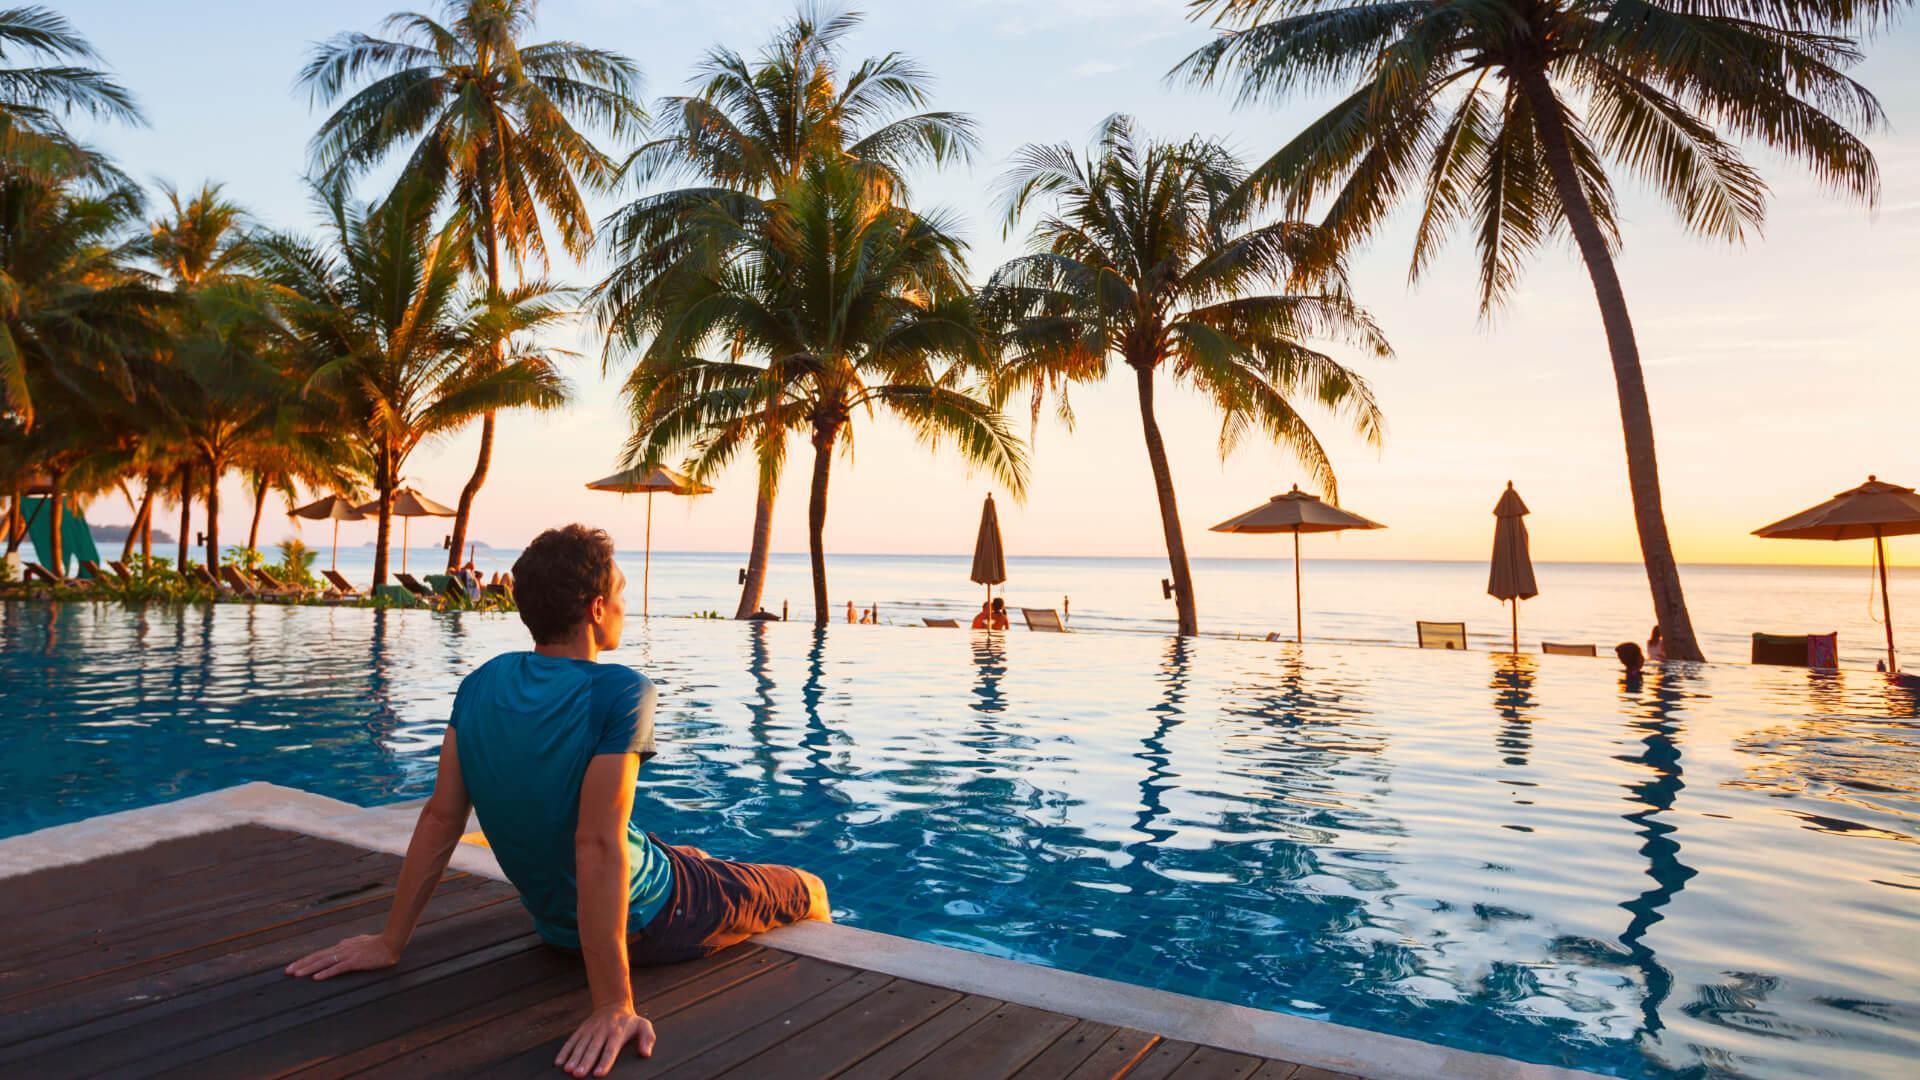 Dünya'nın En İlginç ve Sıra Dışı 8 Oteli